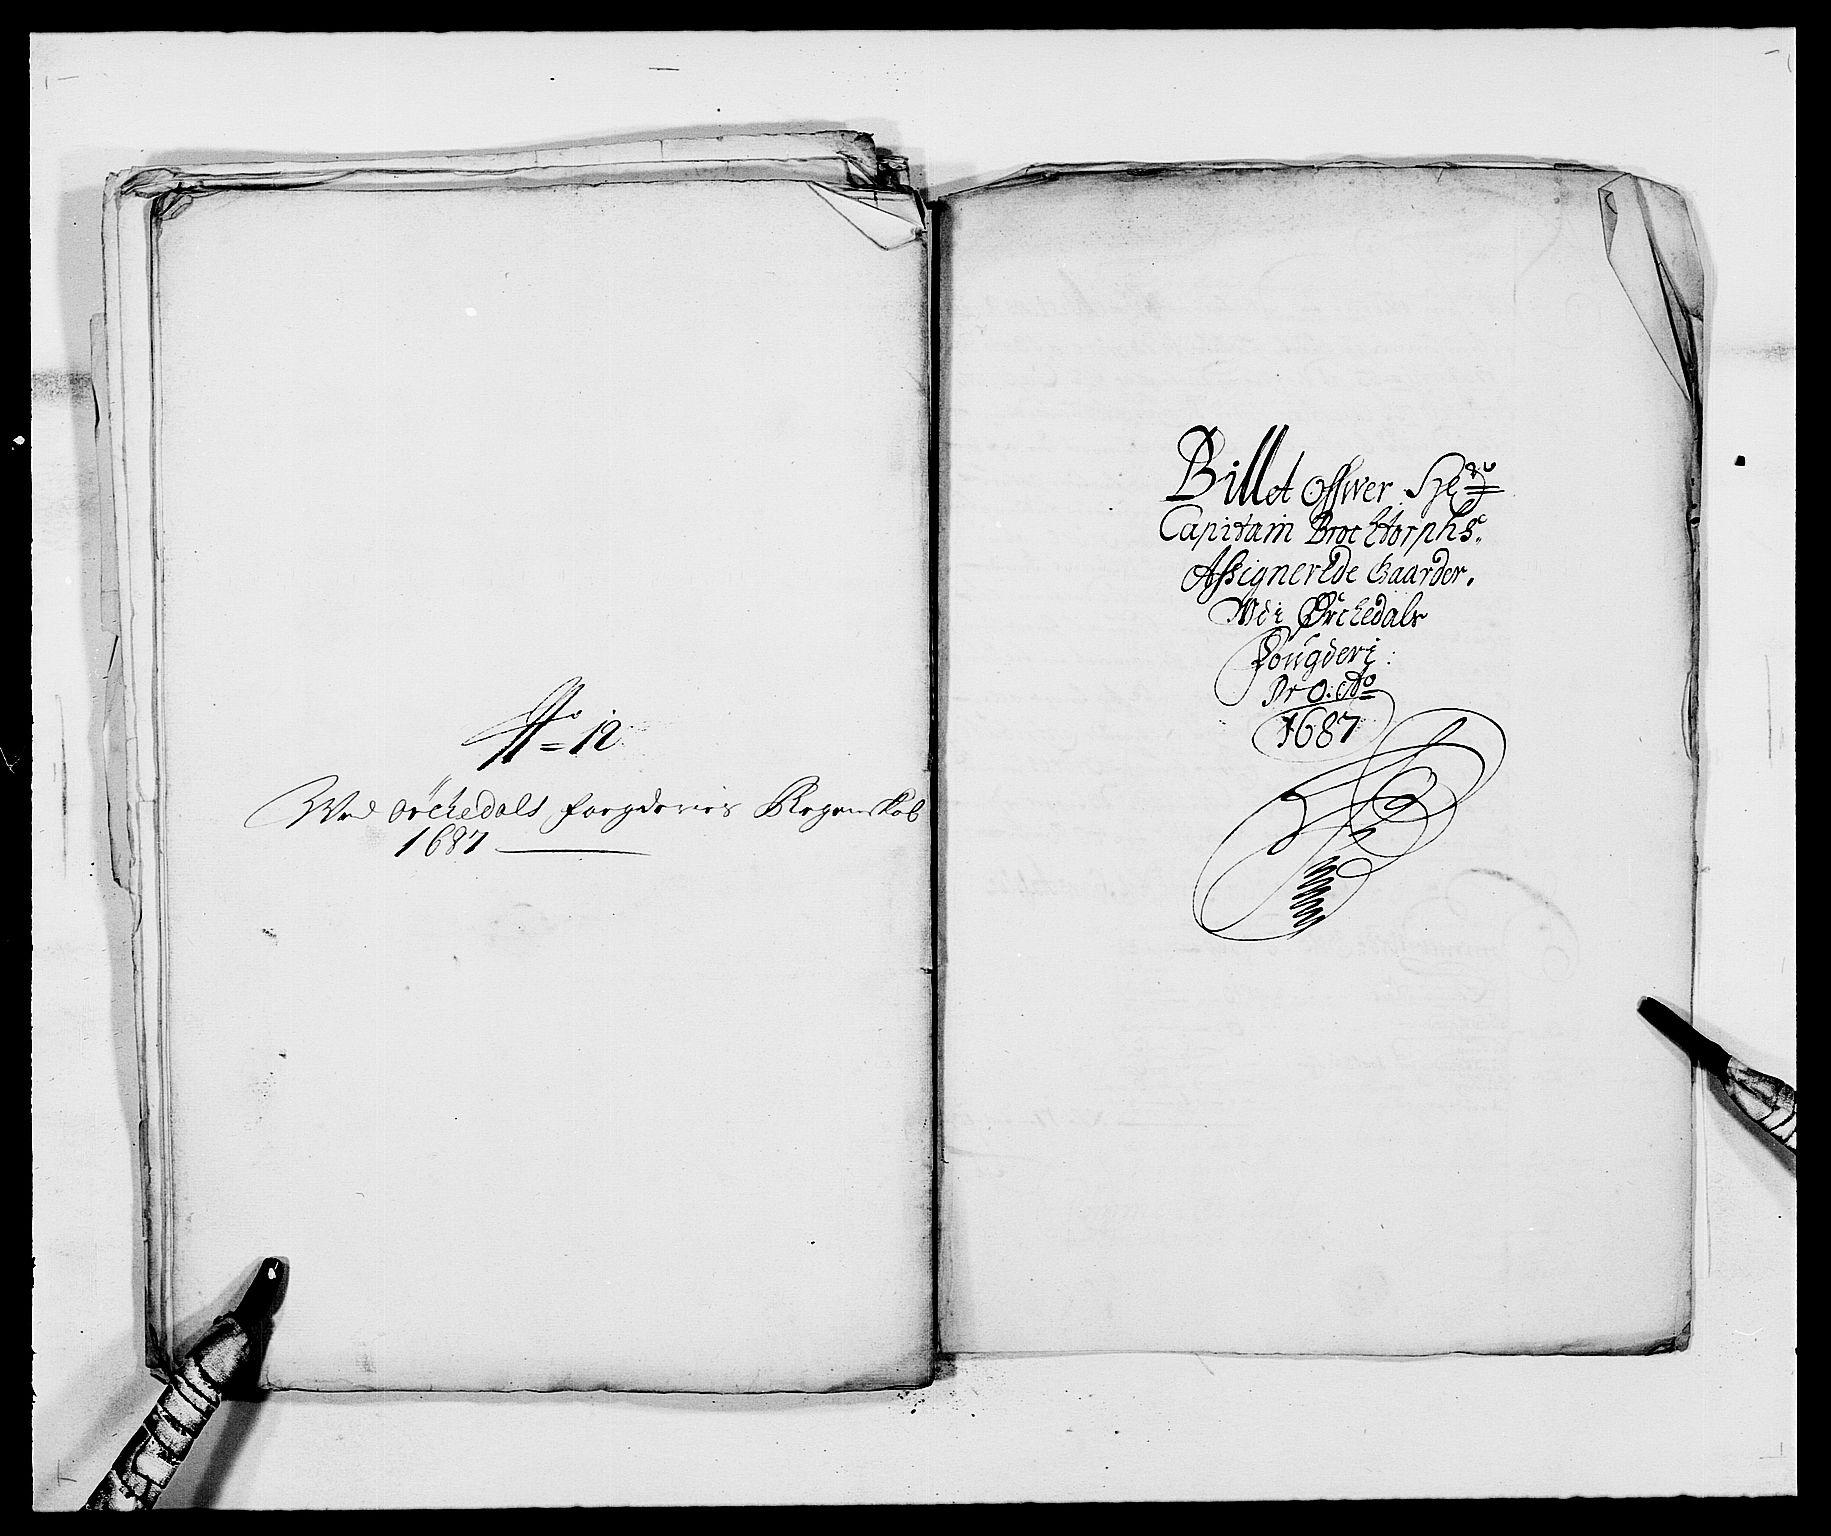 RA, Rentekammeret inntil 1814, Reviderte regnskaper, Fogderegnskap, R58/L3935: Fogderegnskap Orkdal, 1687-1688, s. 187